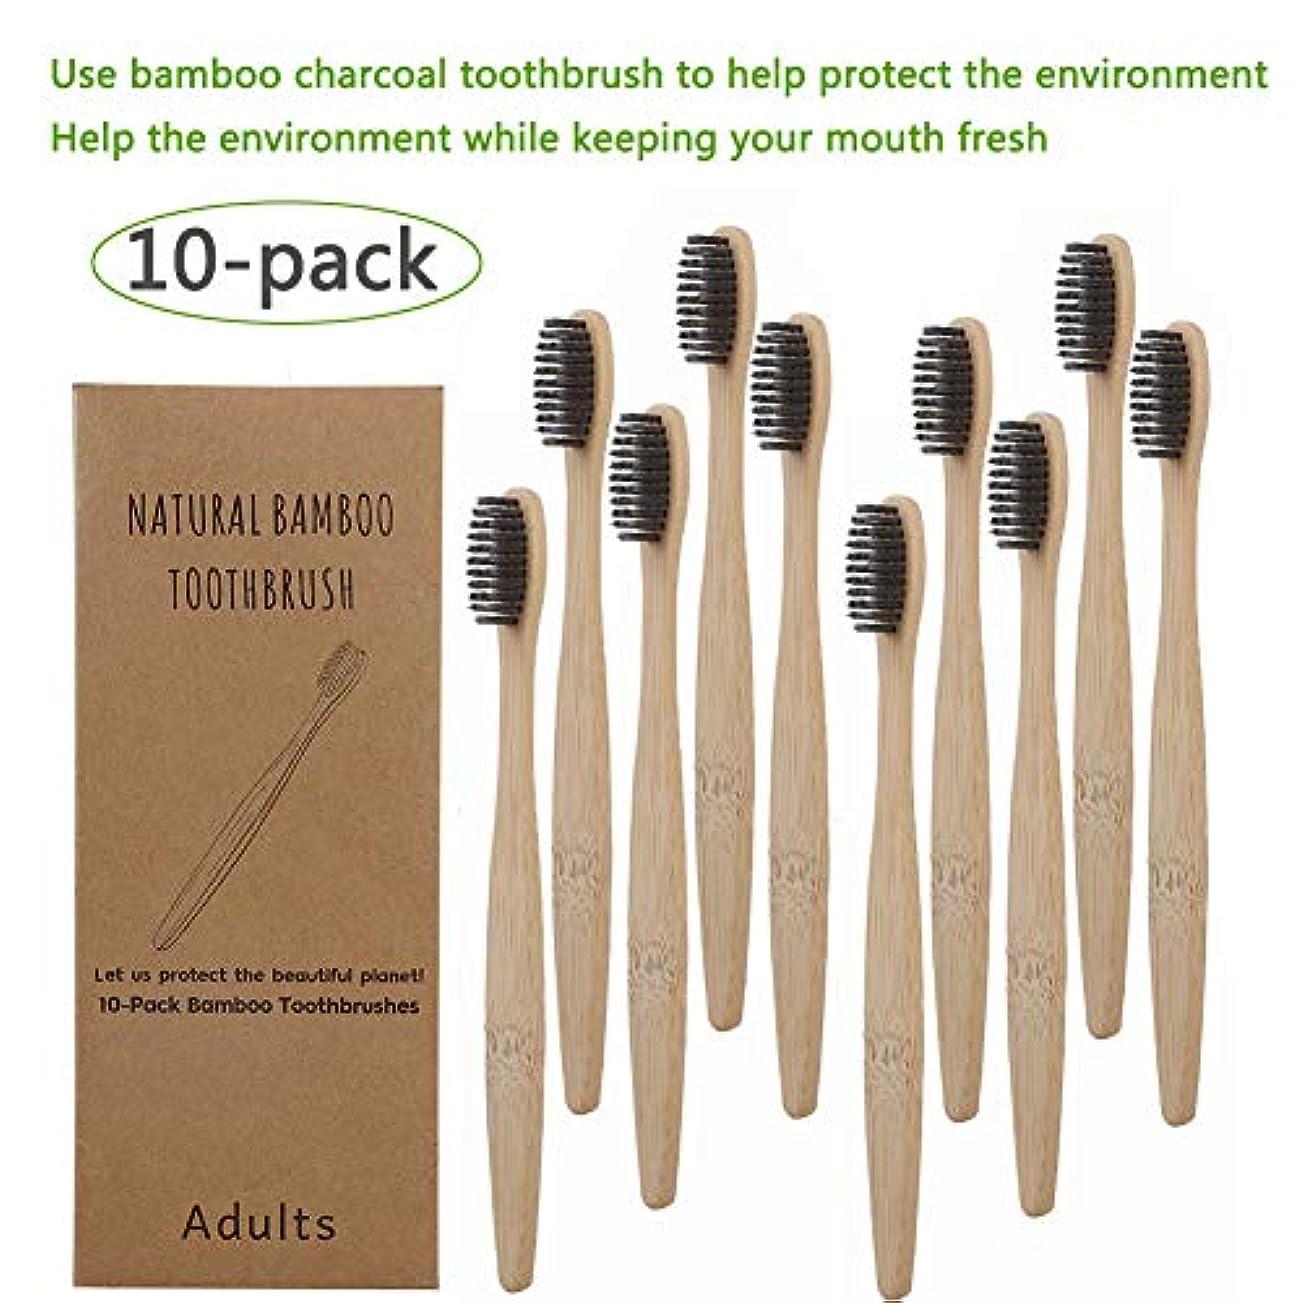 シェルター病んでいるスイングDoo 10pcs 大人用竹の歯ブラシ 天然竹歯ブラシ 環境保護 柔らかい 歯ブラシ 口腔ケア 竹歯ブラシ 携帯用 旅行用 出張用